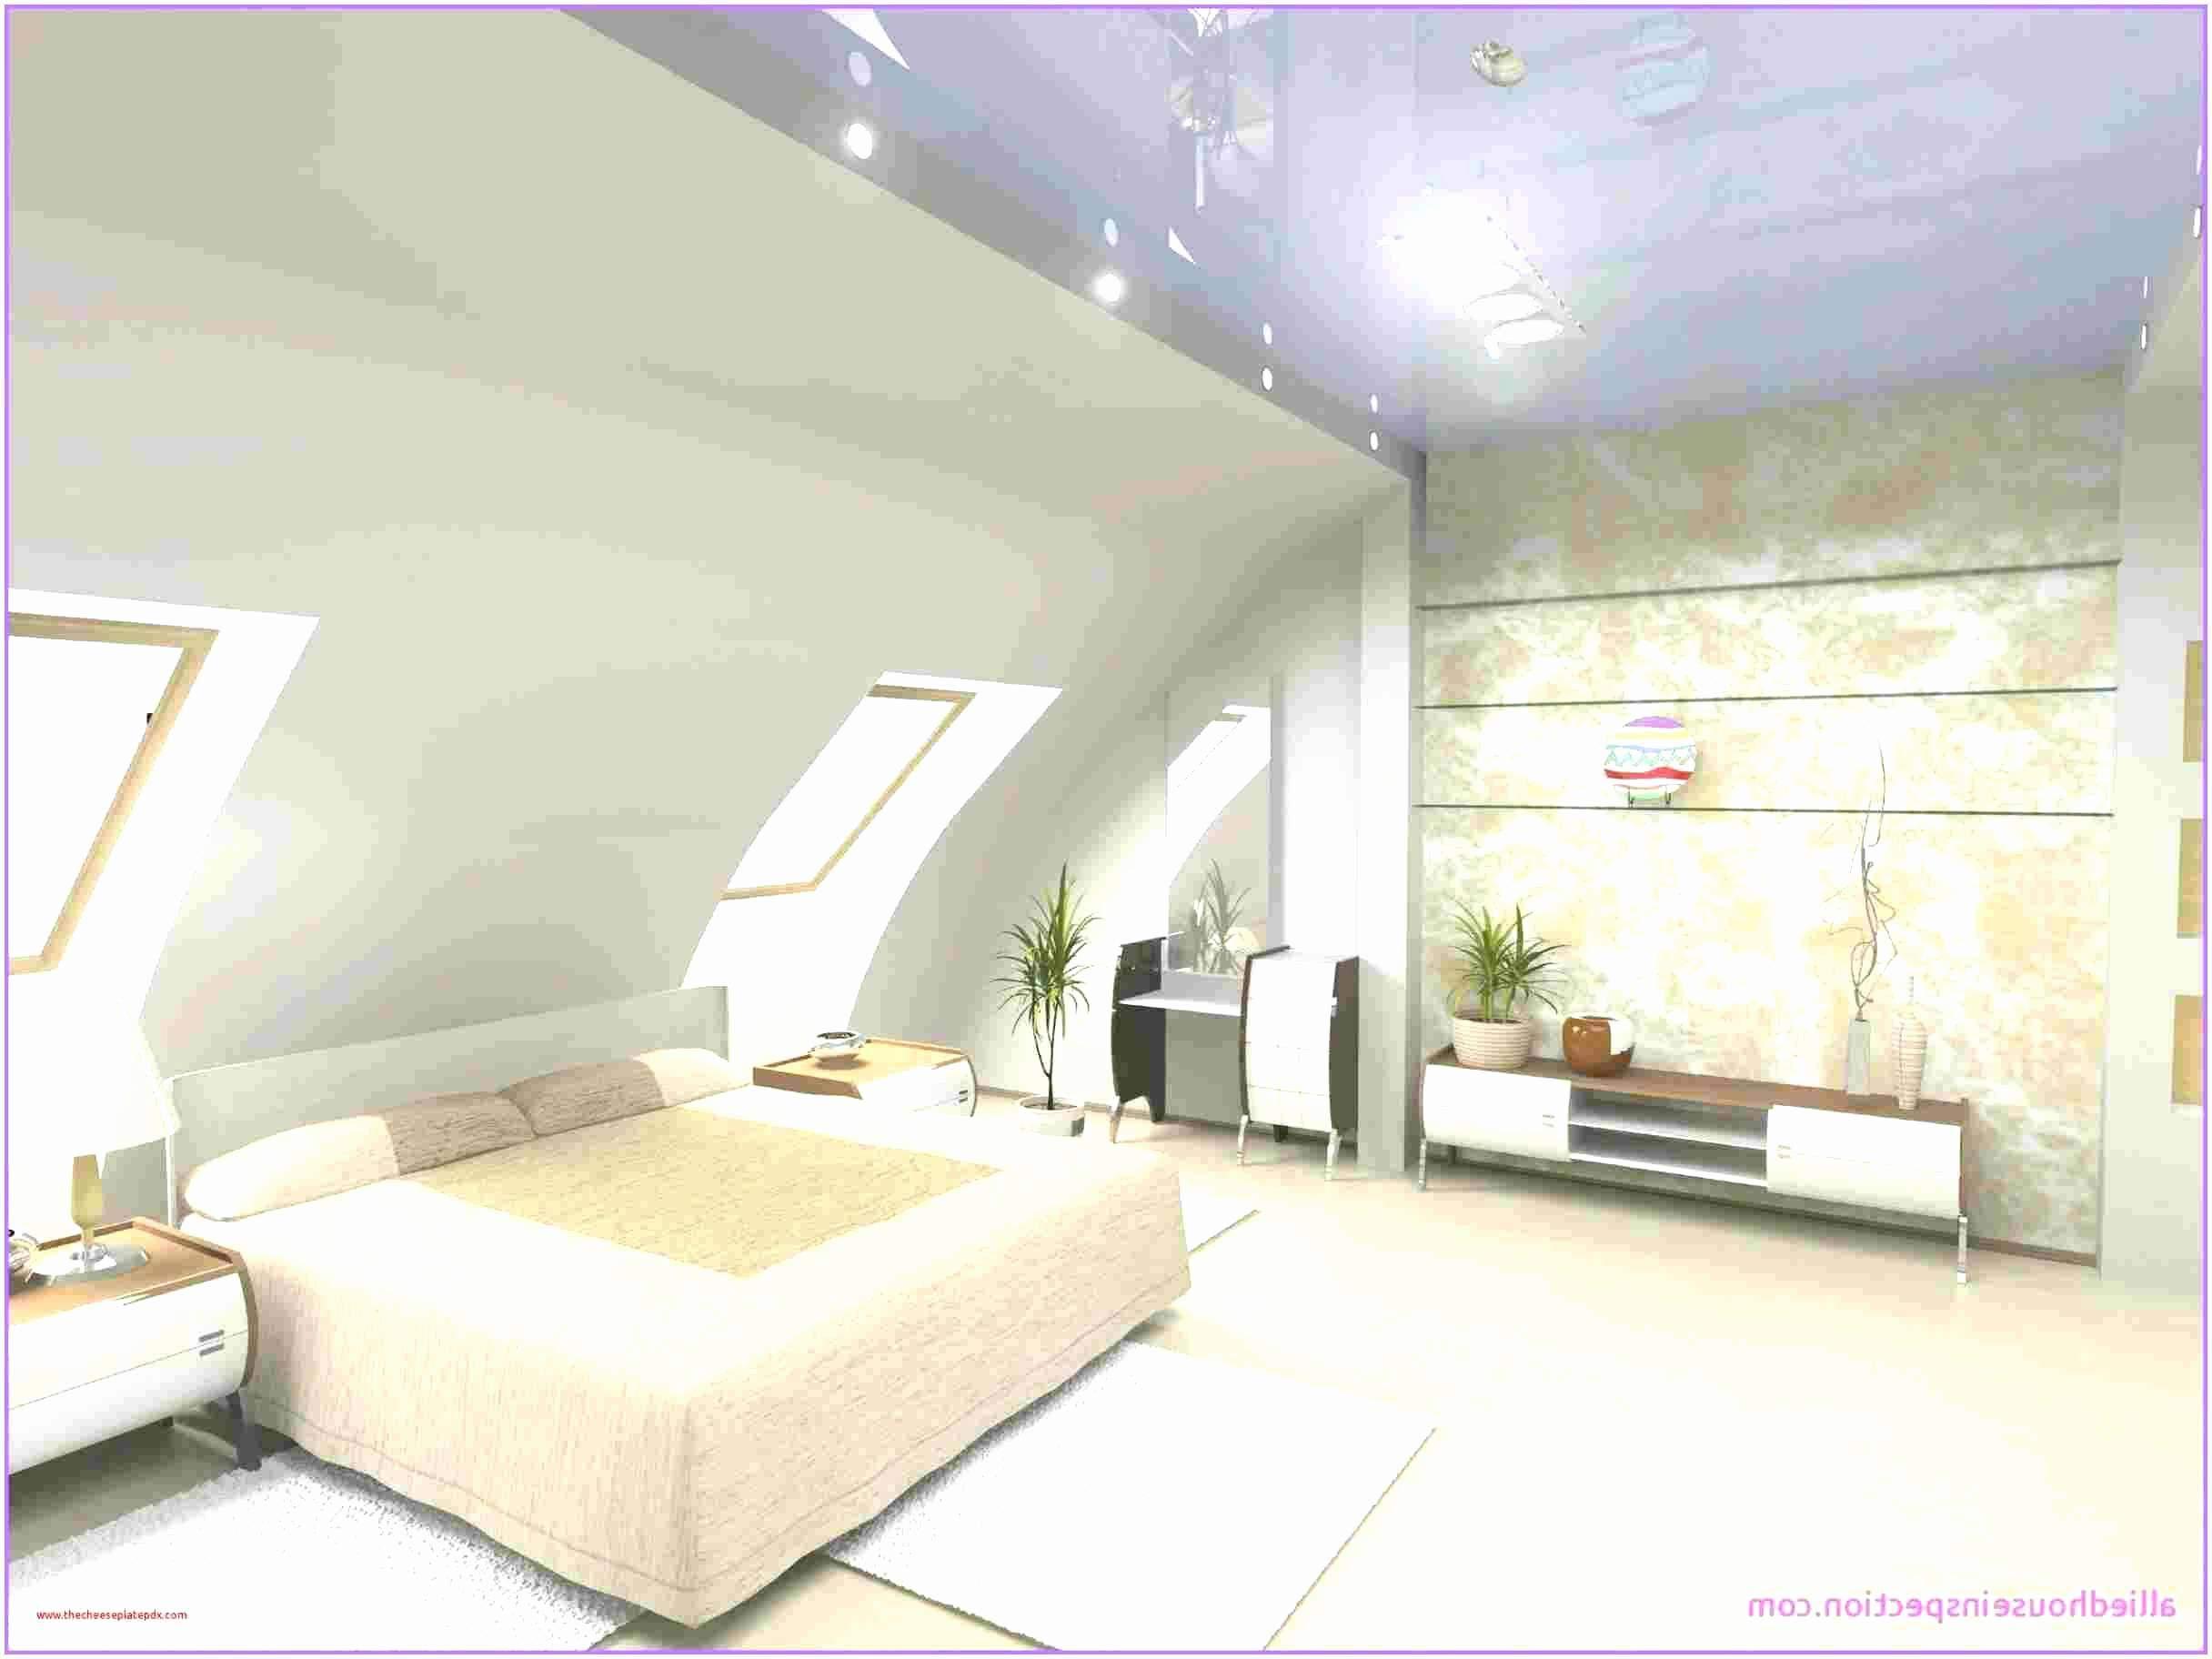 wohnzimmer deko selber machen das beste von unique ideen wohnzimmer deko inspirations of wohnzimmer deko selber machen